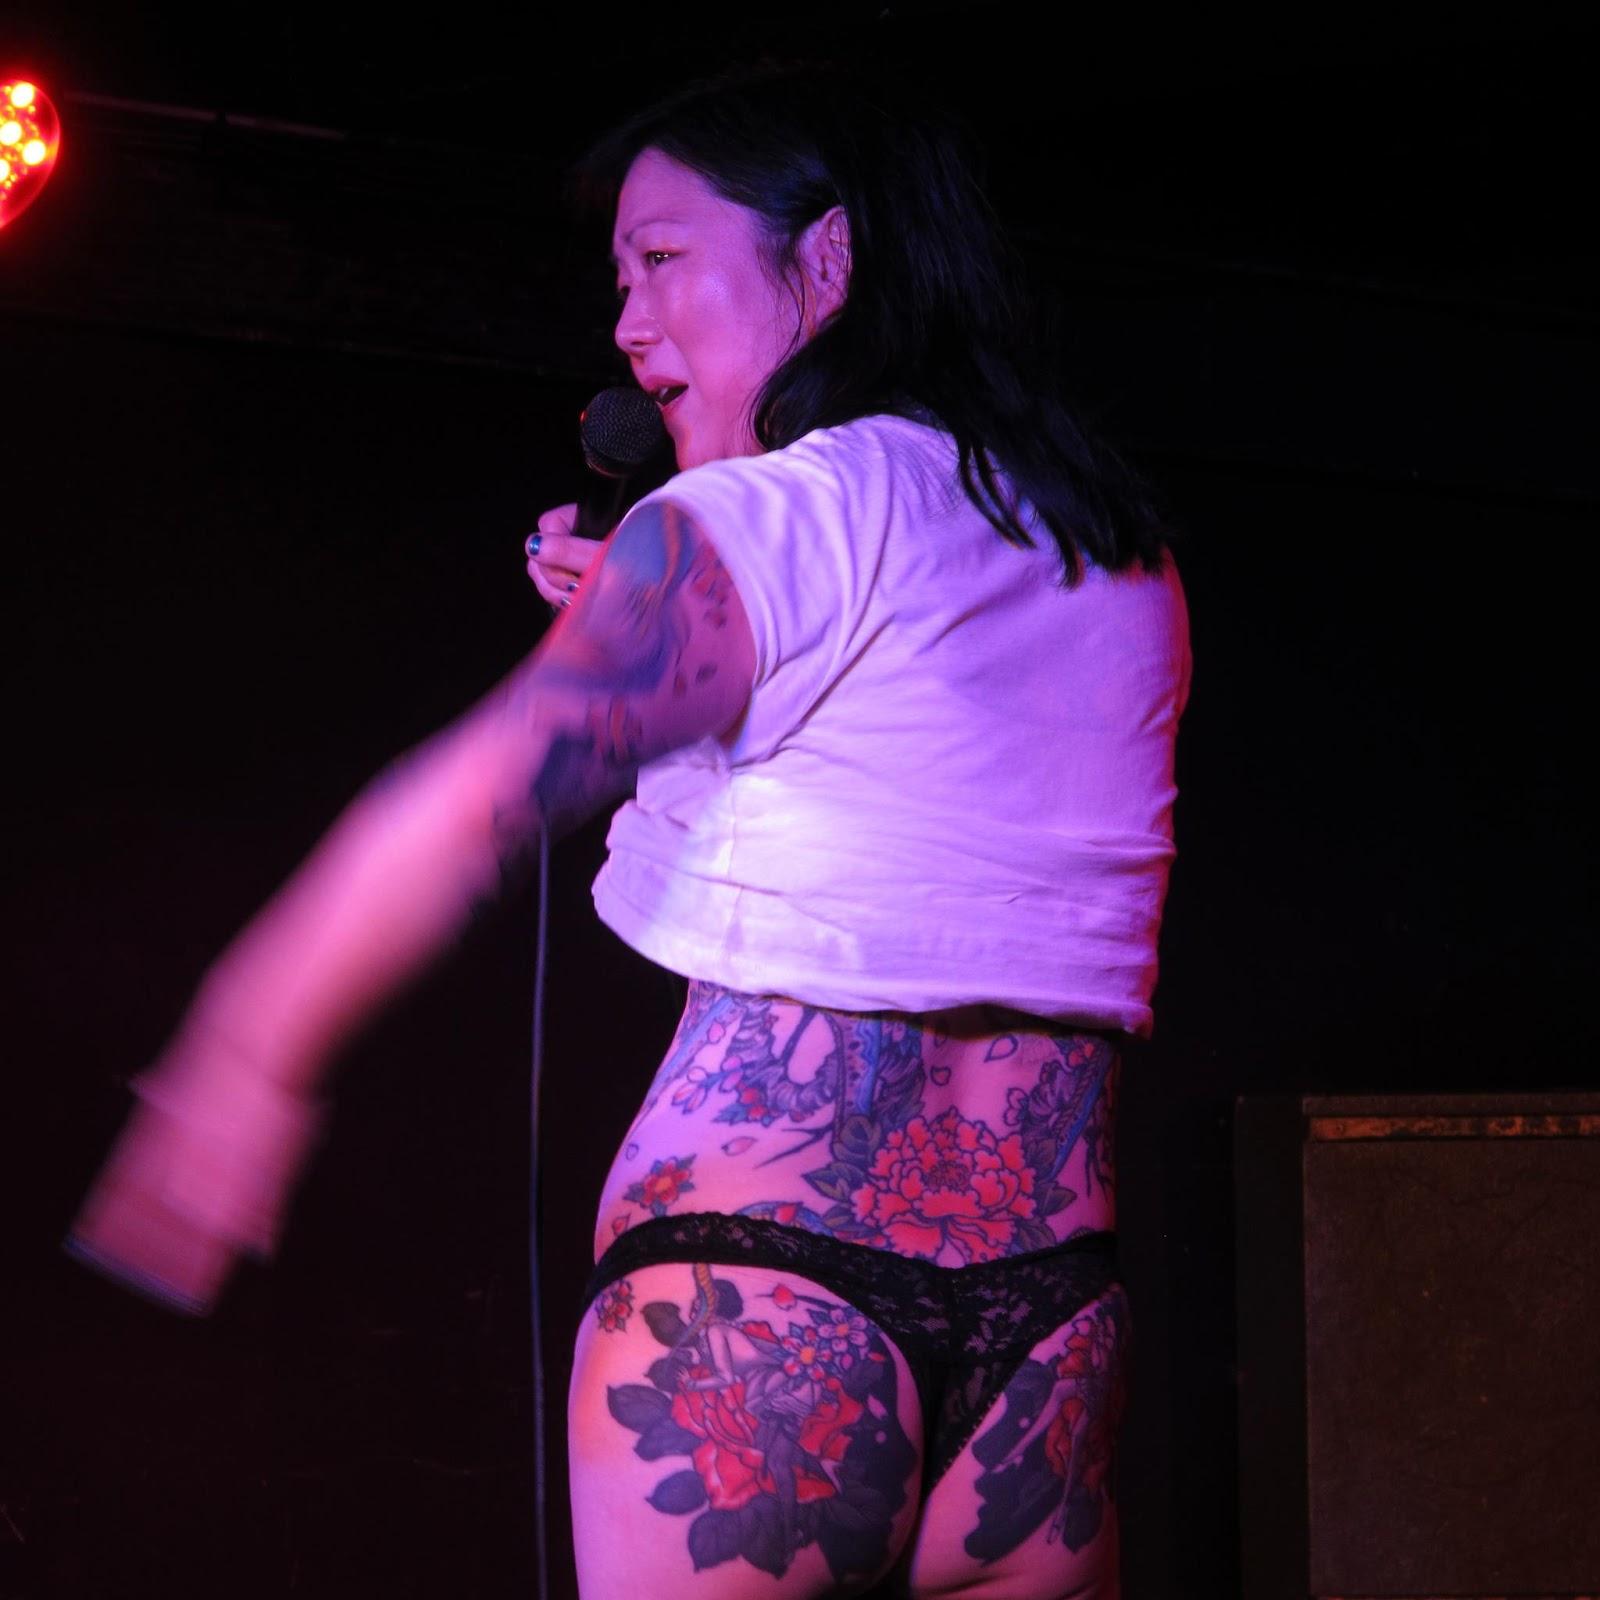 chrissy moran lingerie